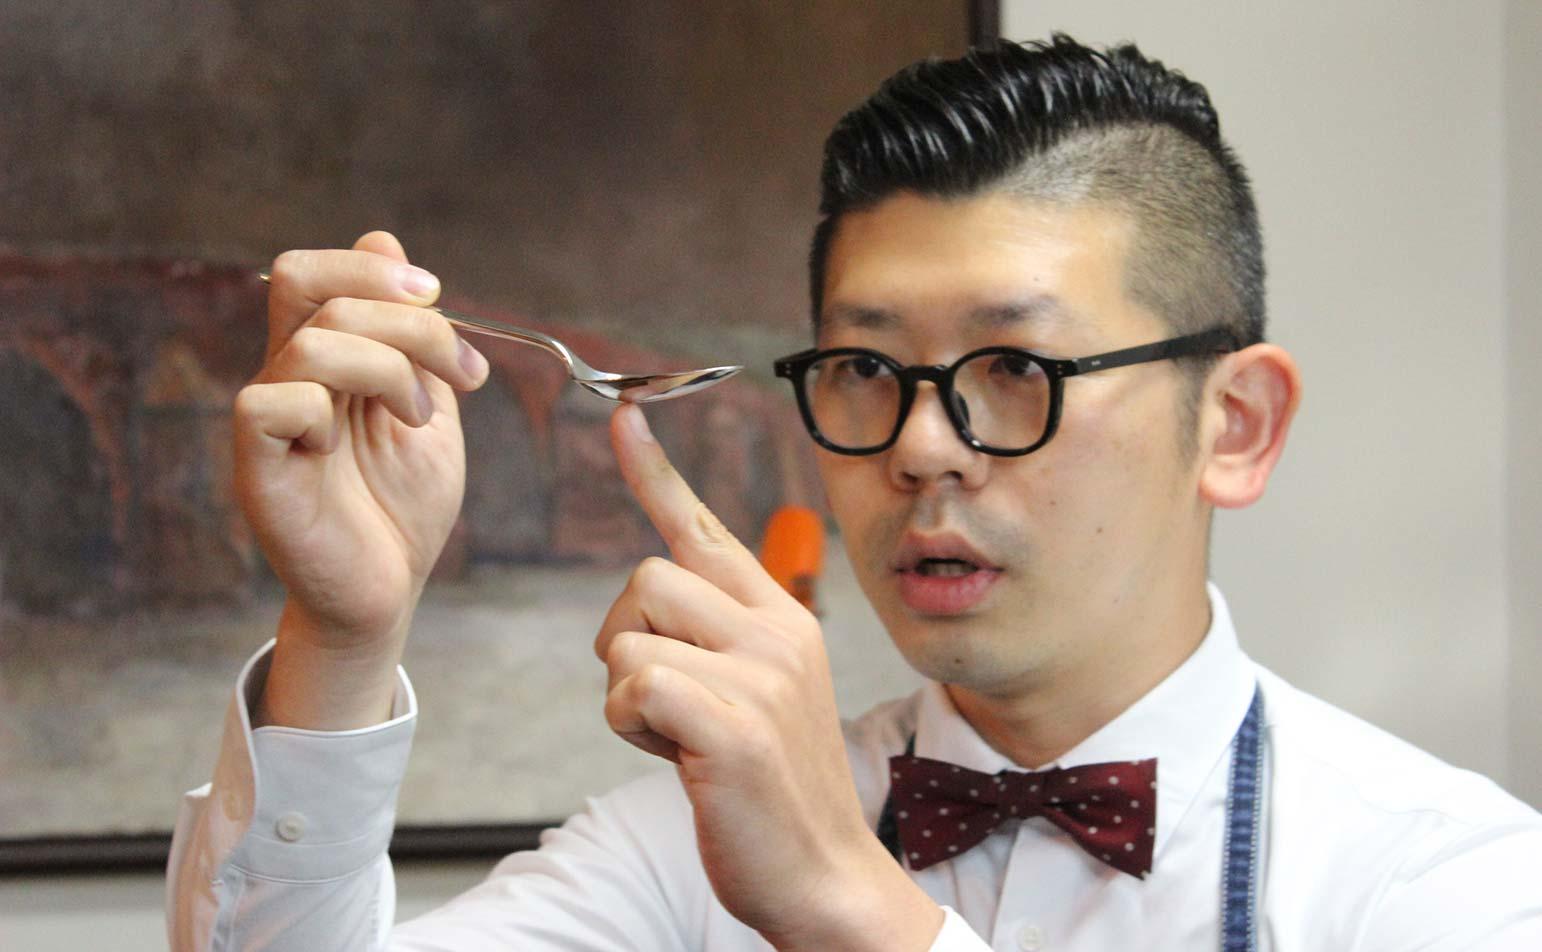 料理道具を知り尽くした飯田屋の店主に聞く、「幸せな食事を増やすための道具とは?」